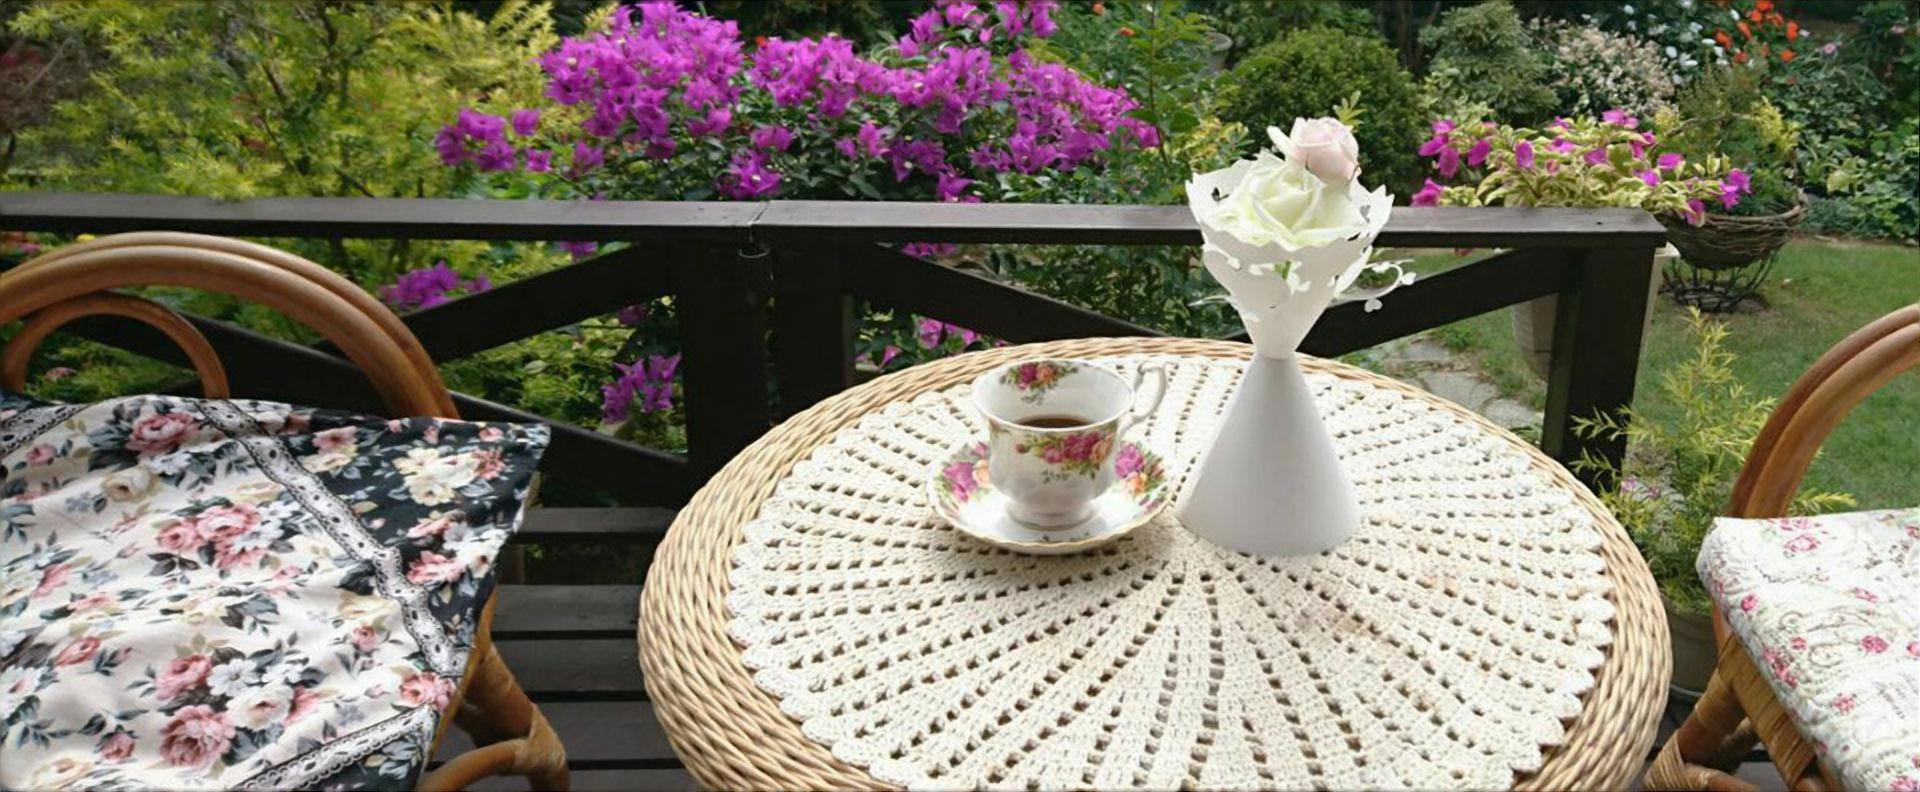 ガーデンでのお茶会に